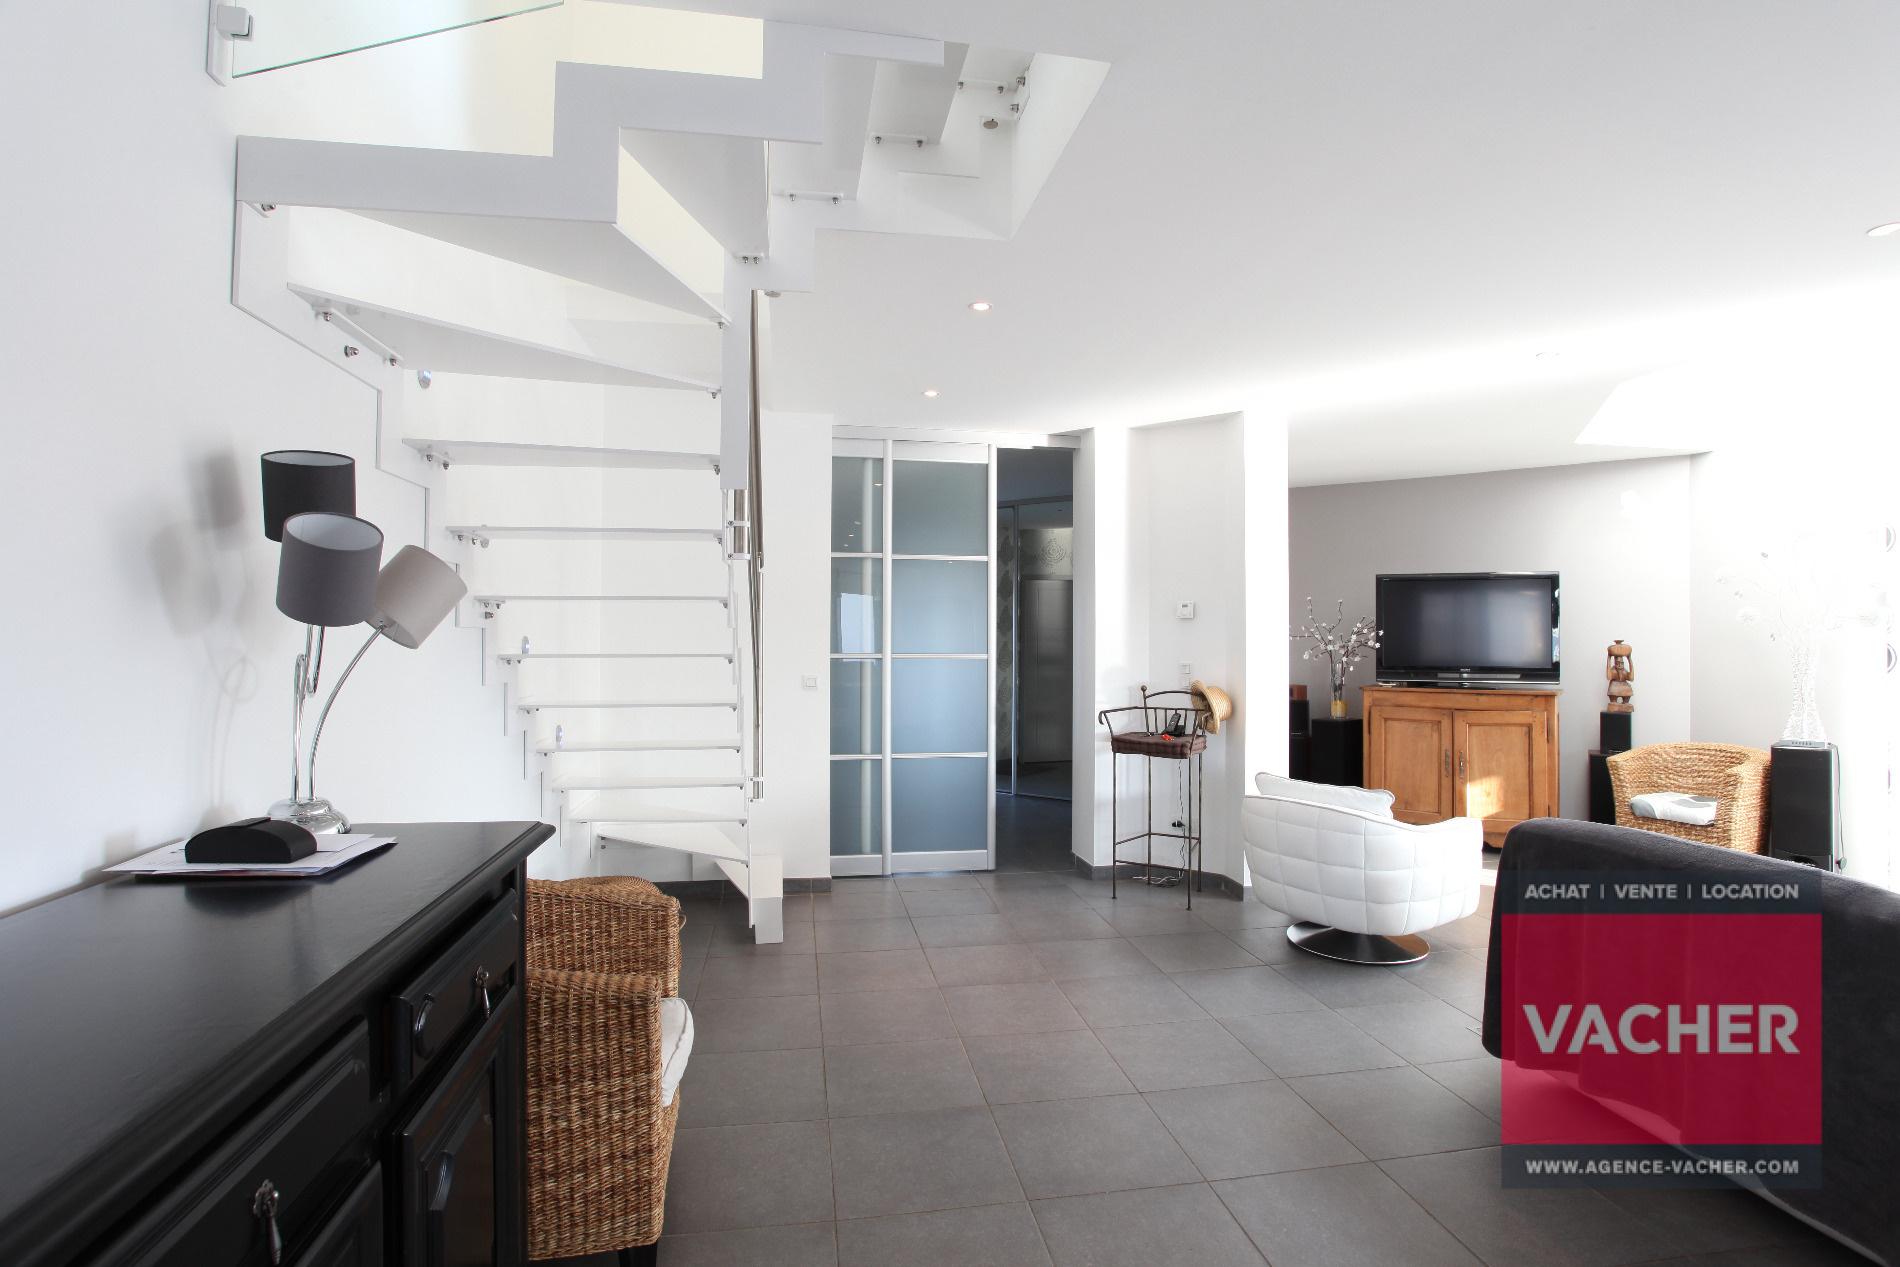 Vente maison appartement andernos les bains 33510 sur le for Vente maison appartement